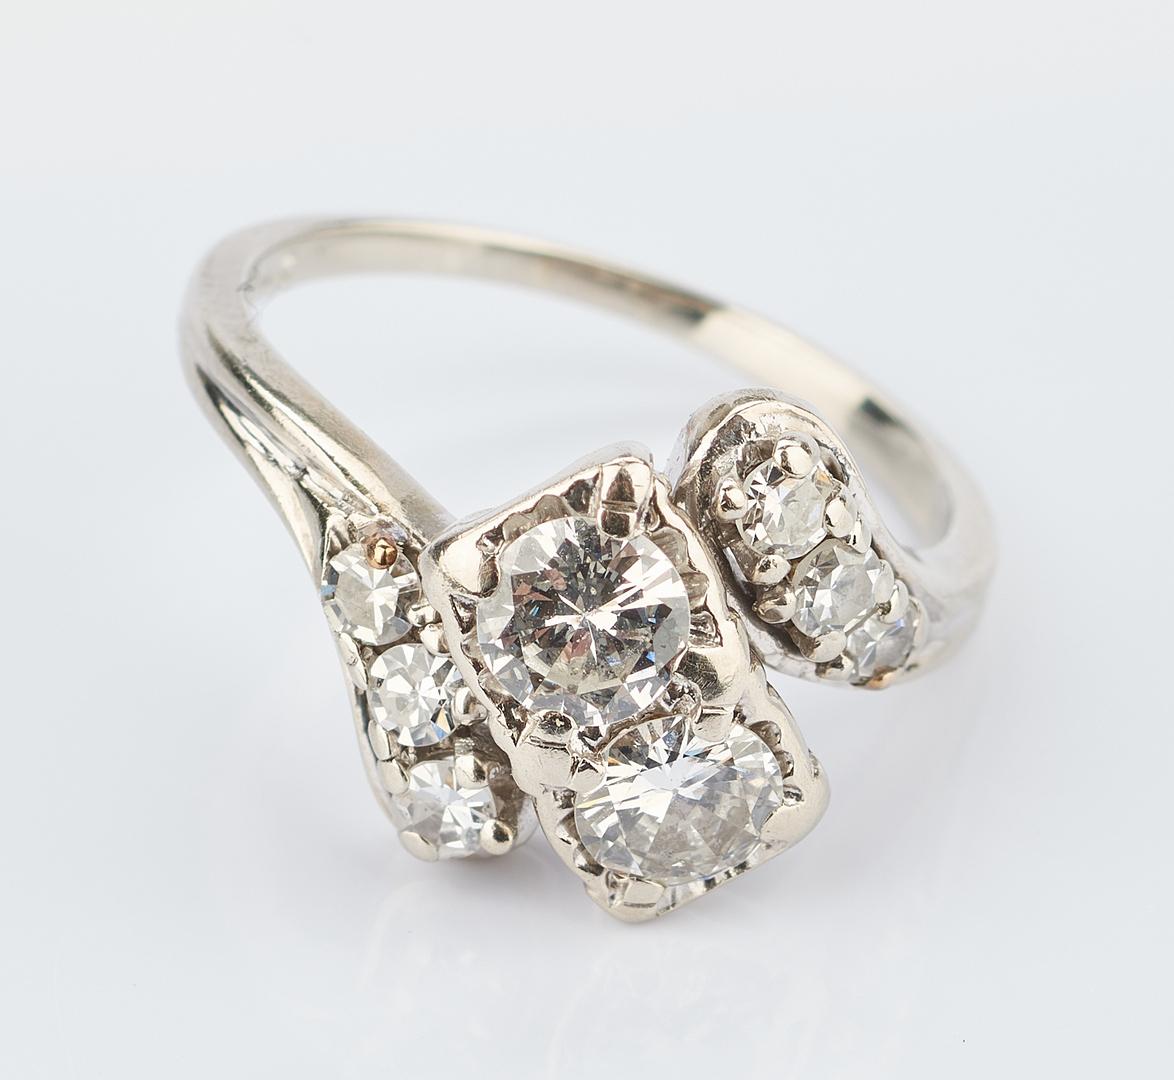 Lot 1018: Ladies 14K White Gold & Diamond Ring